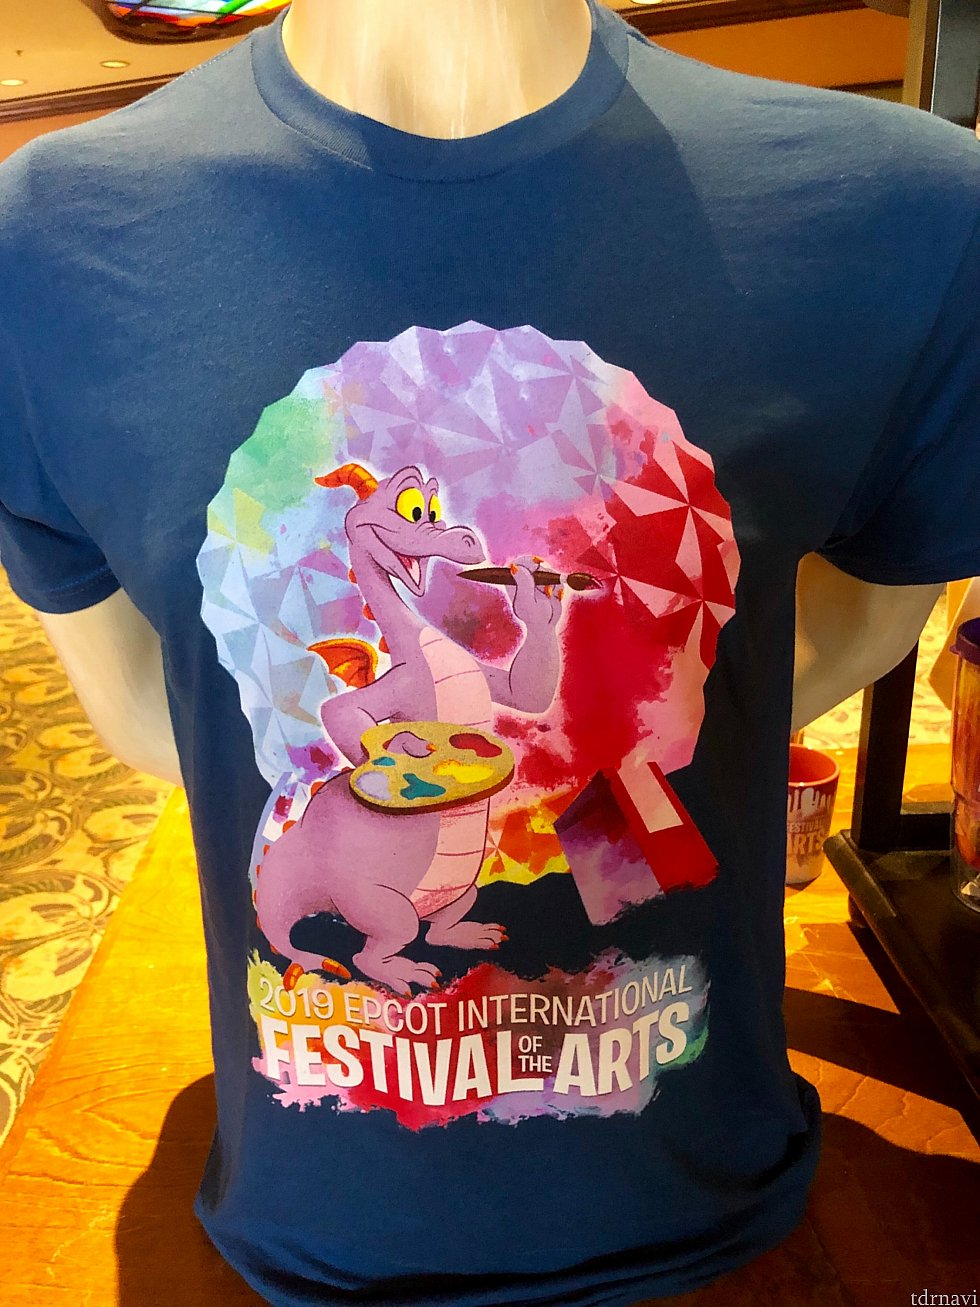 エプコット公式キャラクター「フィグメント」が今回もイベントグッズに採用されています。レインボーカラーのスペースシップアースが描かれたこのTシャツは綺麗ですね。